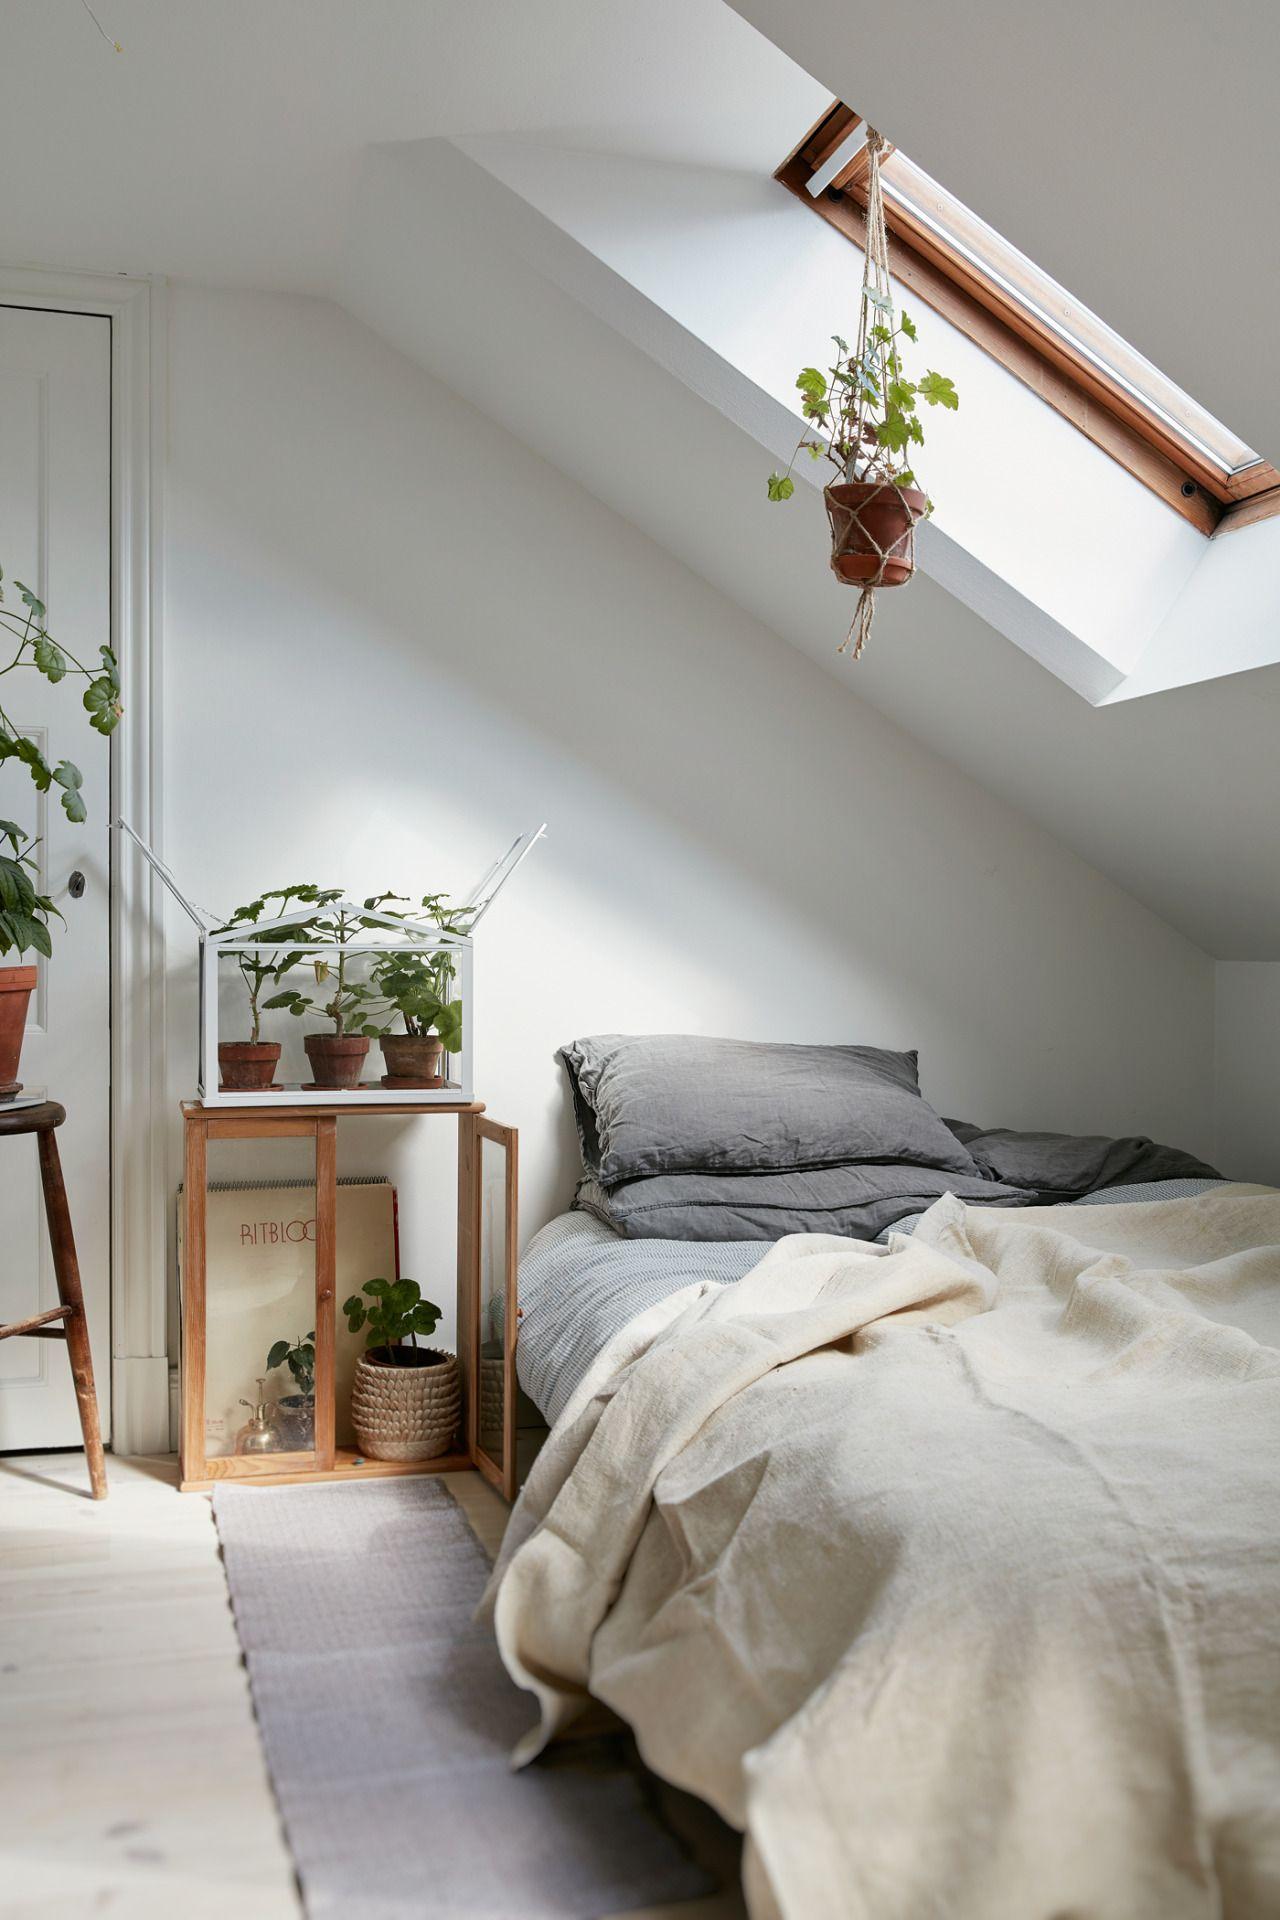 Pin von daily_m auf Home Inspiration | Pinterest | Dachgeschosse ...